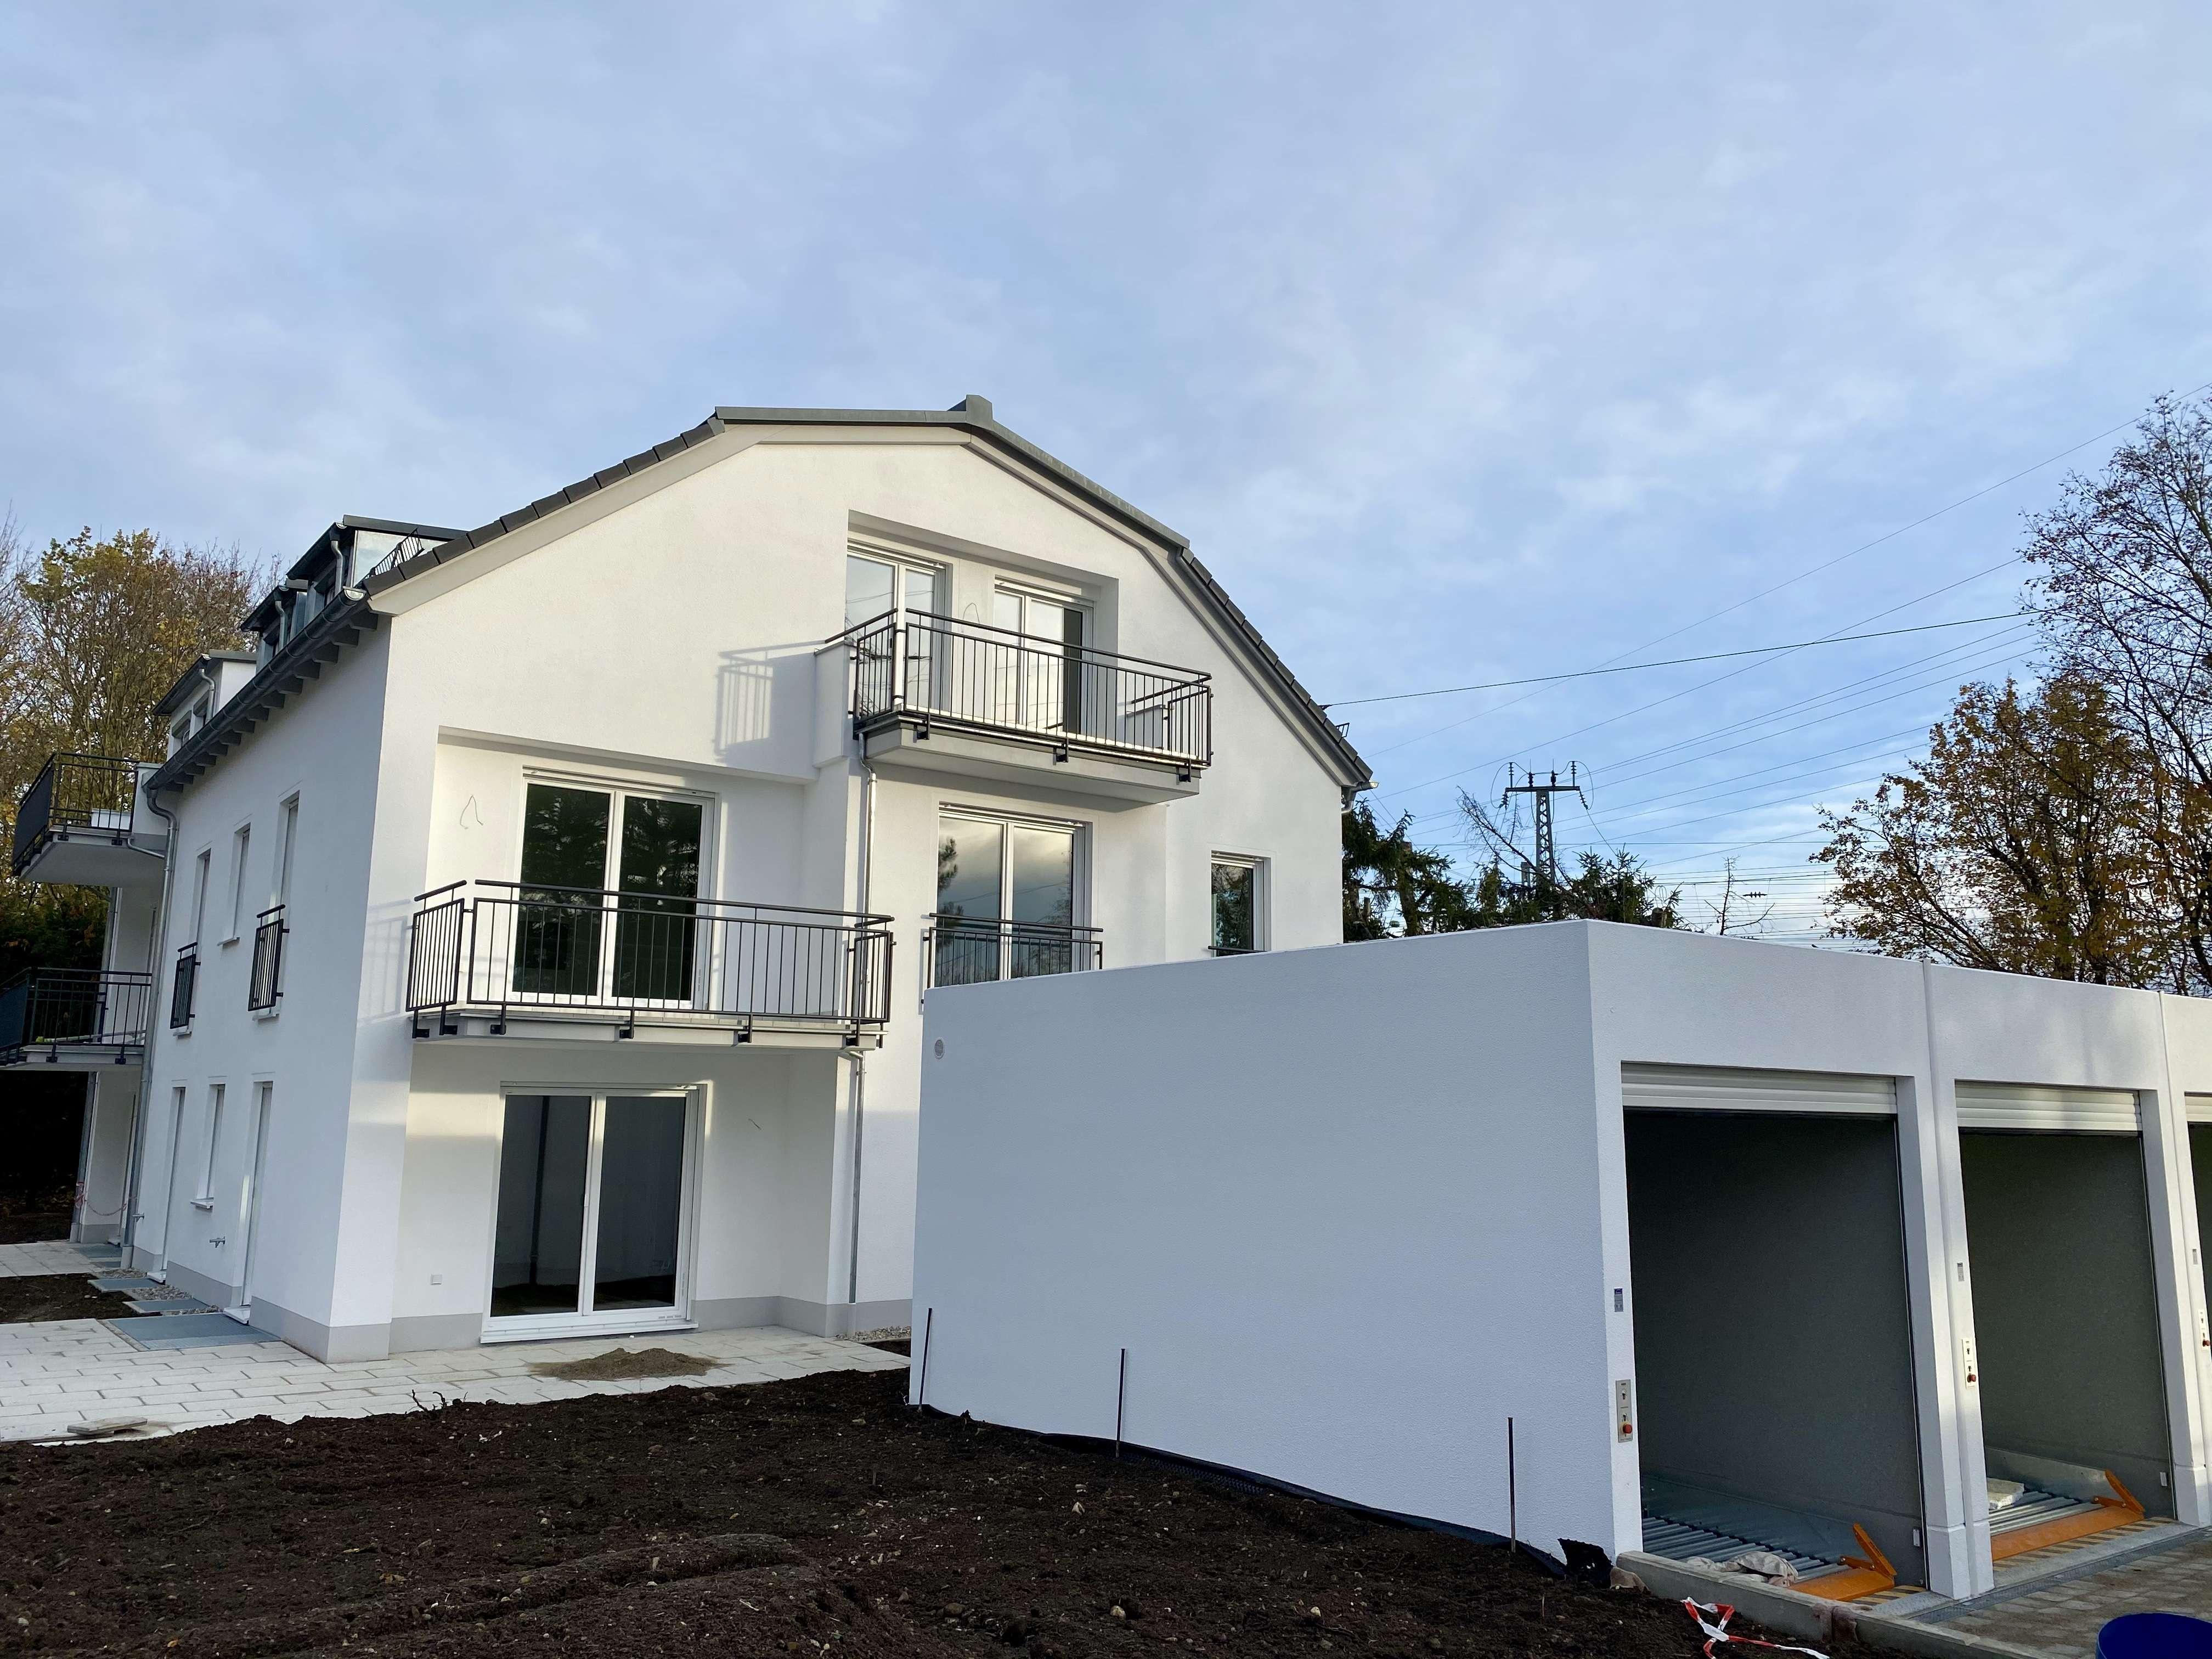 Erstbezug mit Balkon: 3-Zimmer-Balkonwohnung in Aubing, München in Aubing (München)